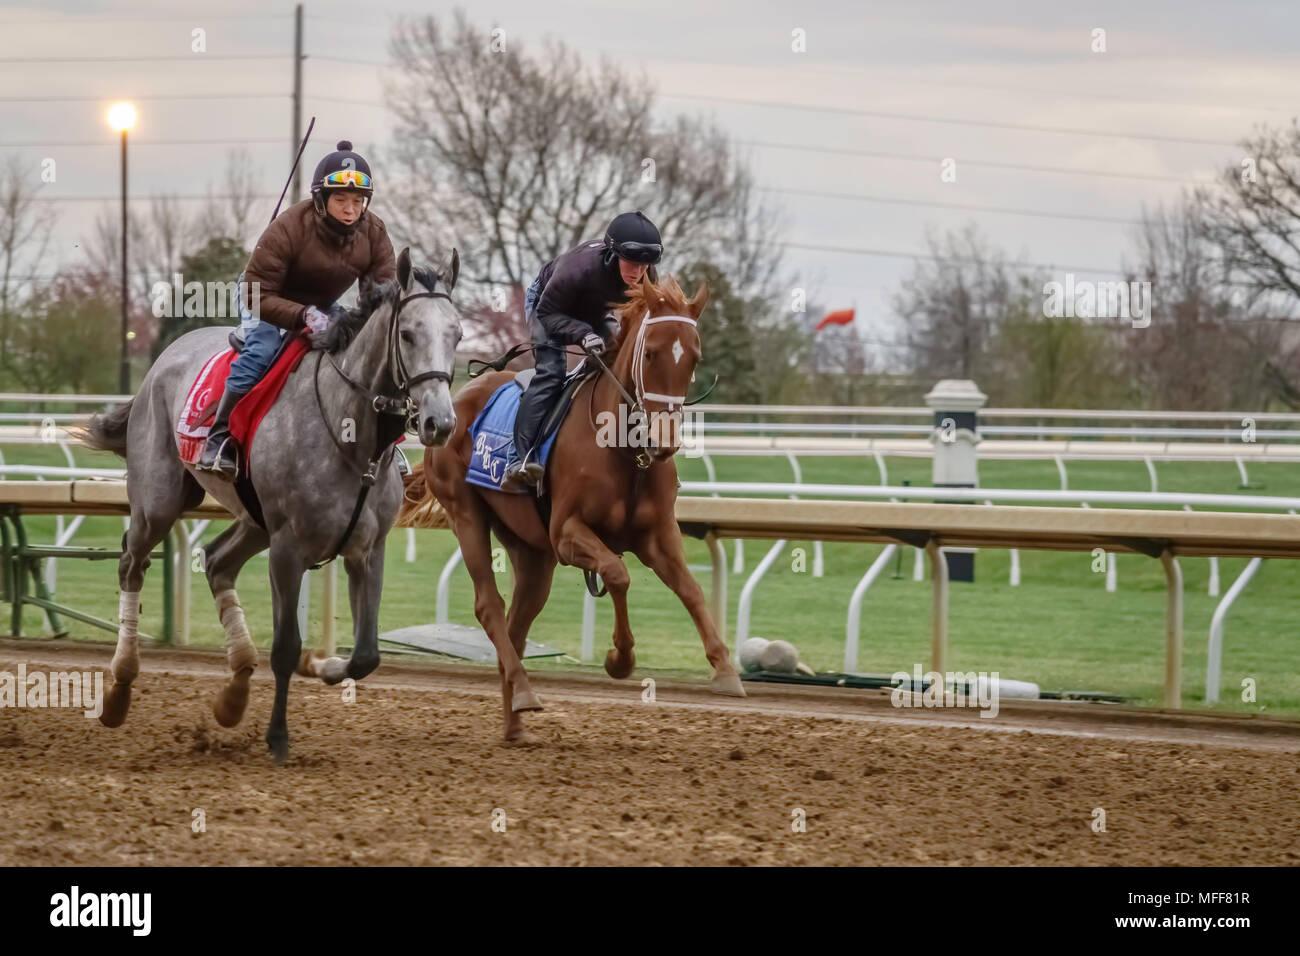 LEXINGTON, Kentucky/STATI UNITI D'America - 19 Aprile 2018: esercizio di due piloti su cavalli purosangue durante un allenamento in anticipo su una fredda mattina a Keeneland Race Course. Immagini Stock